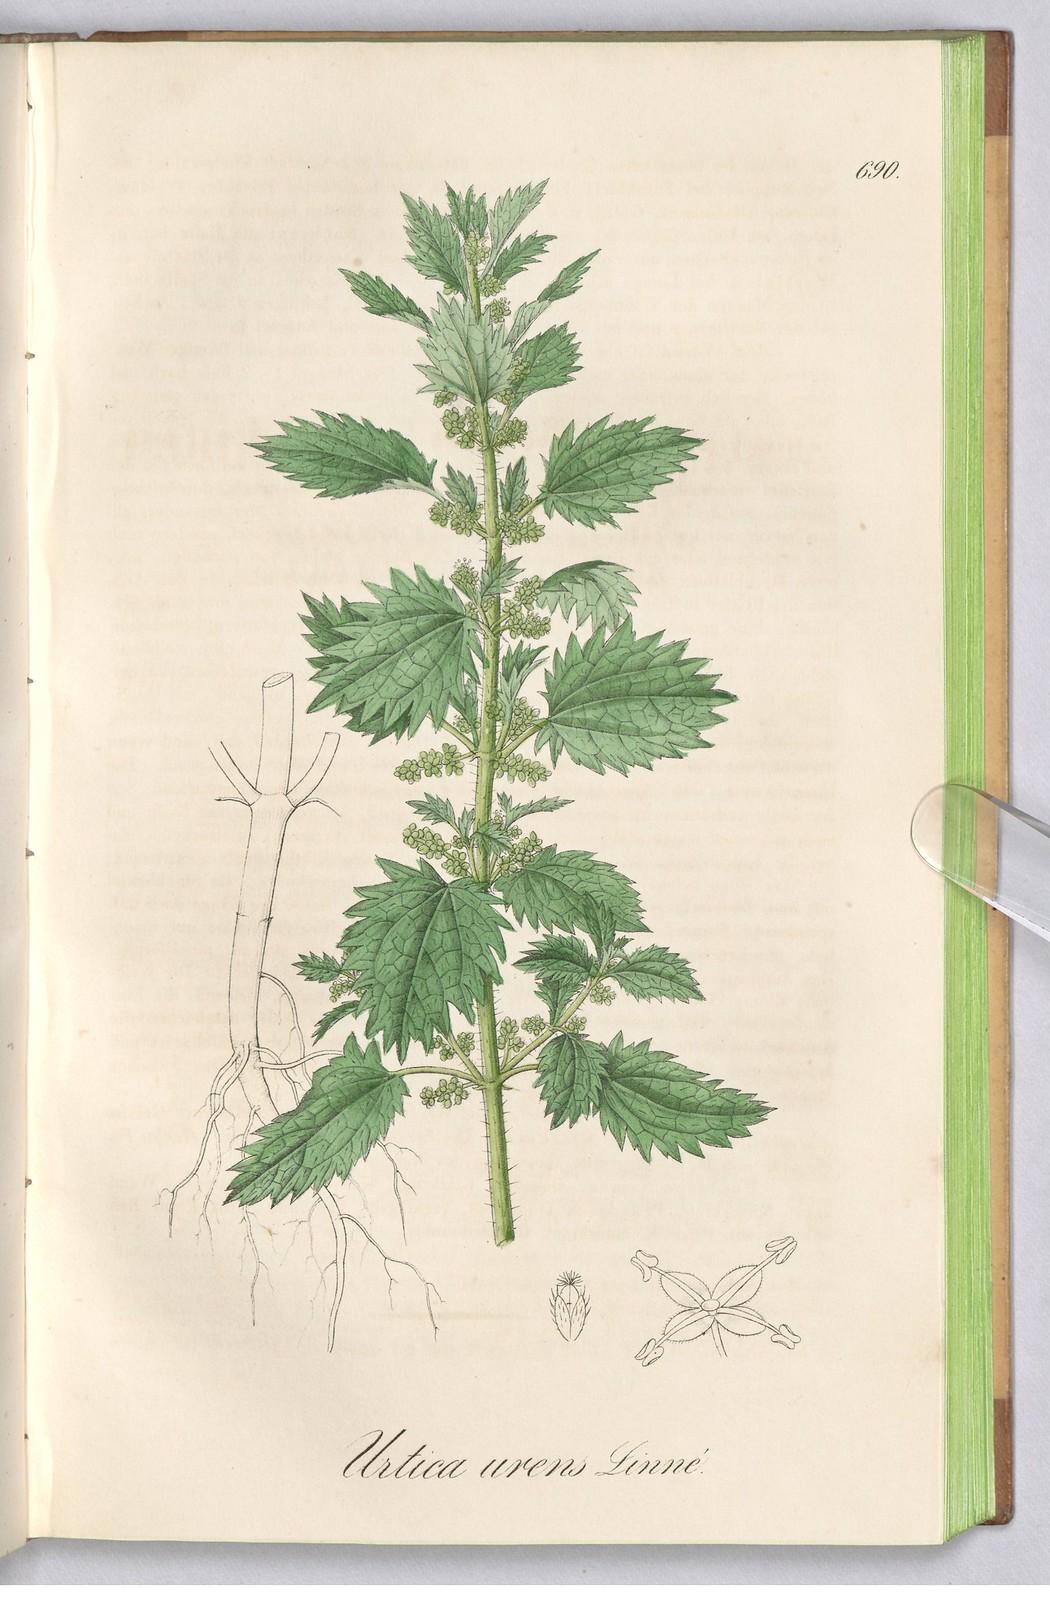 nettle (Urtica urens)